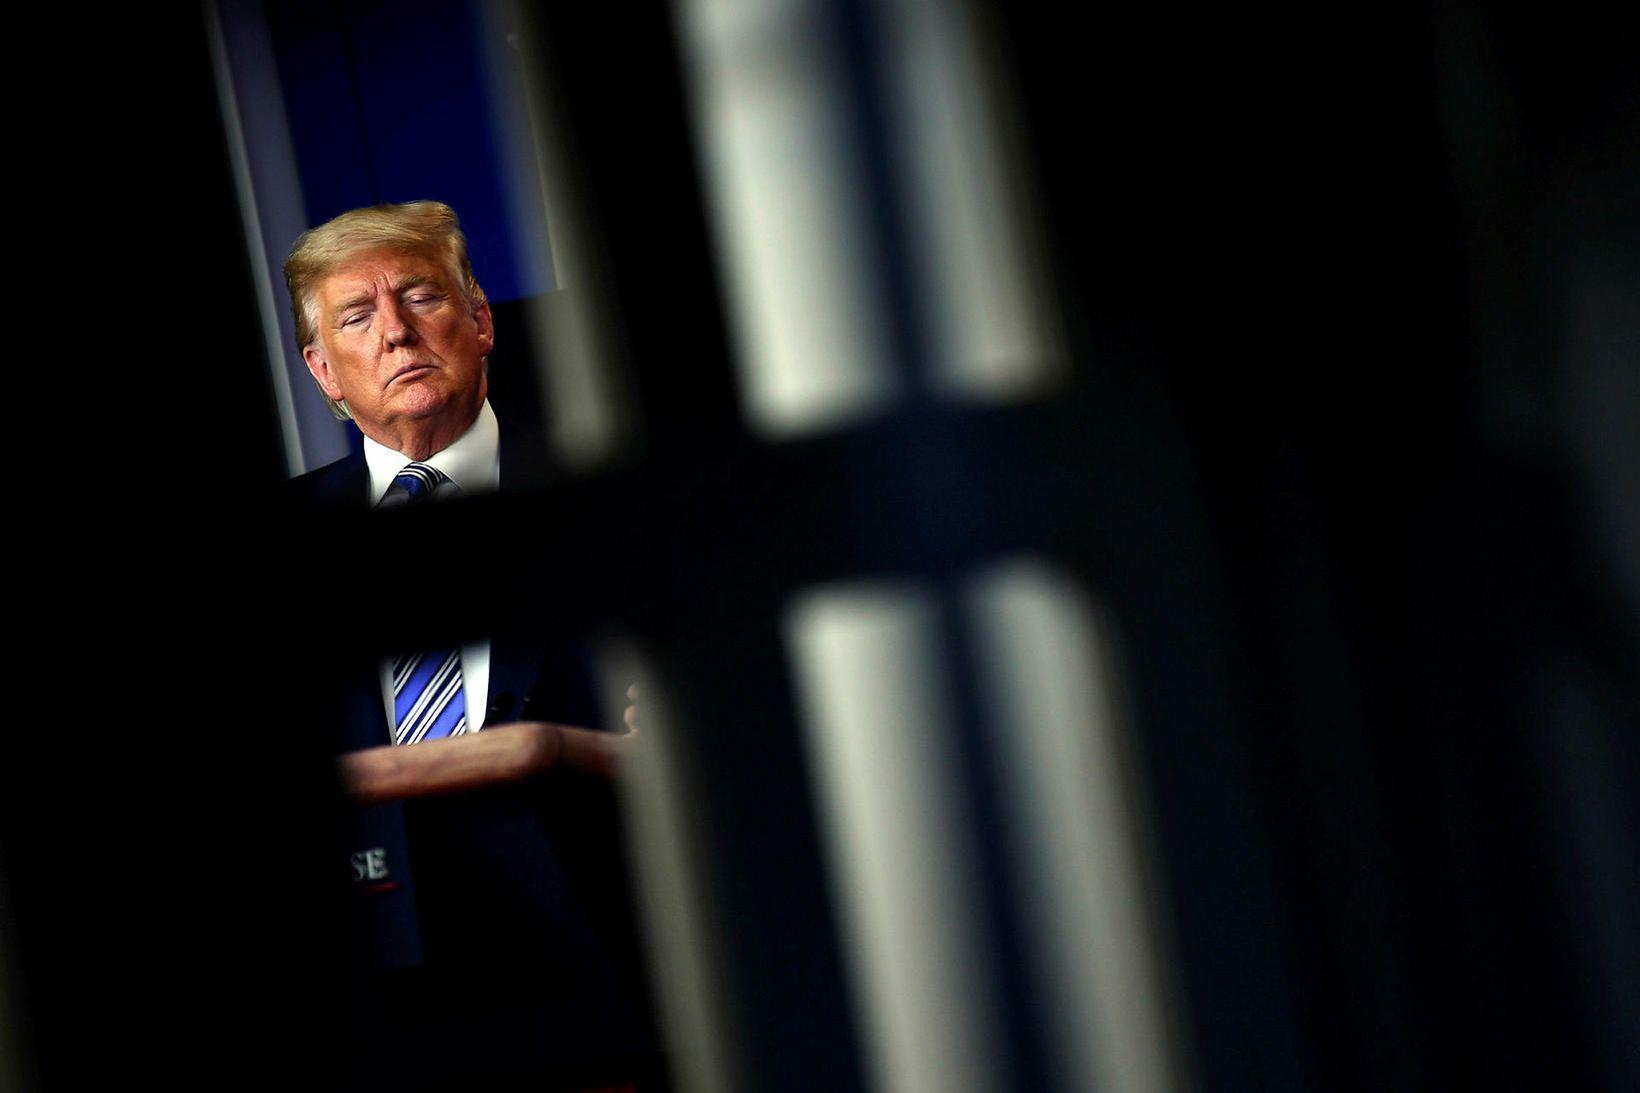 Trump hefur gefið út misvísandi skilaboð varðandi faraldurinn.